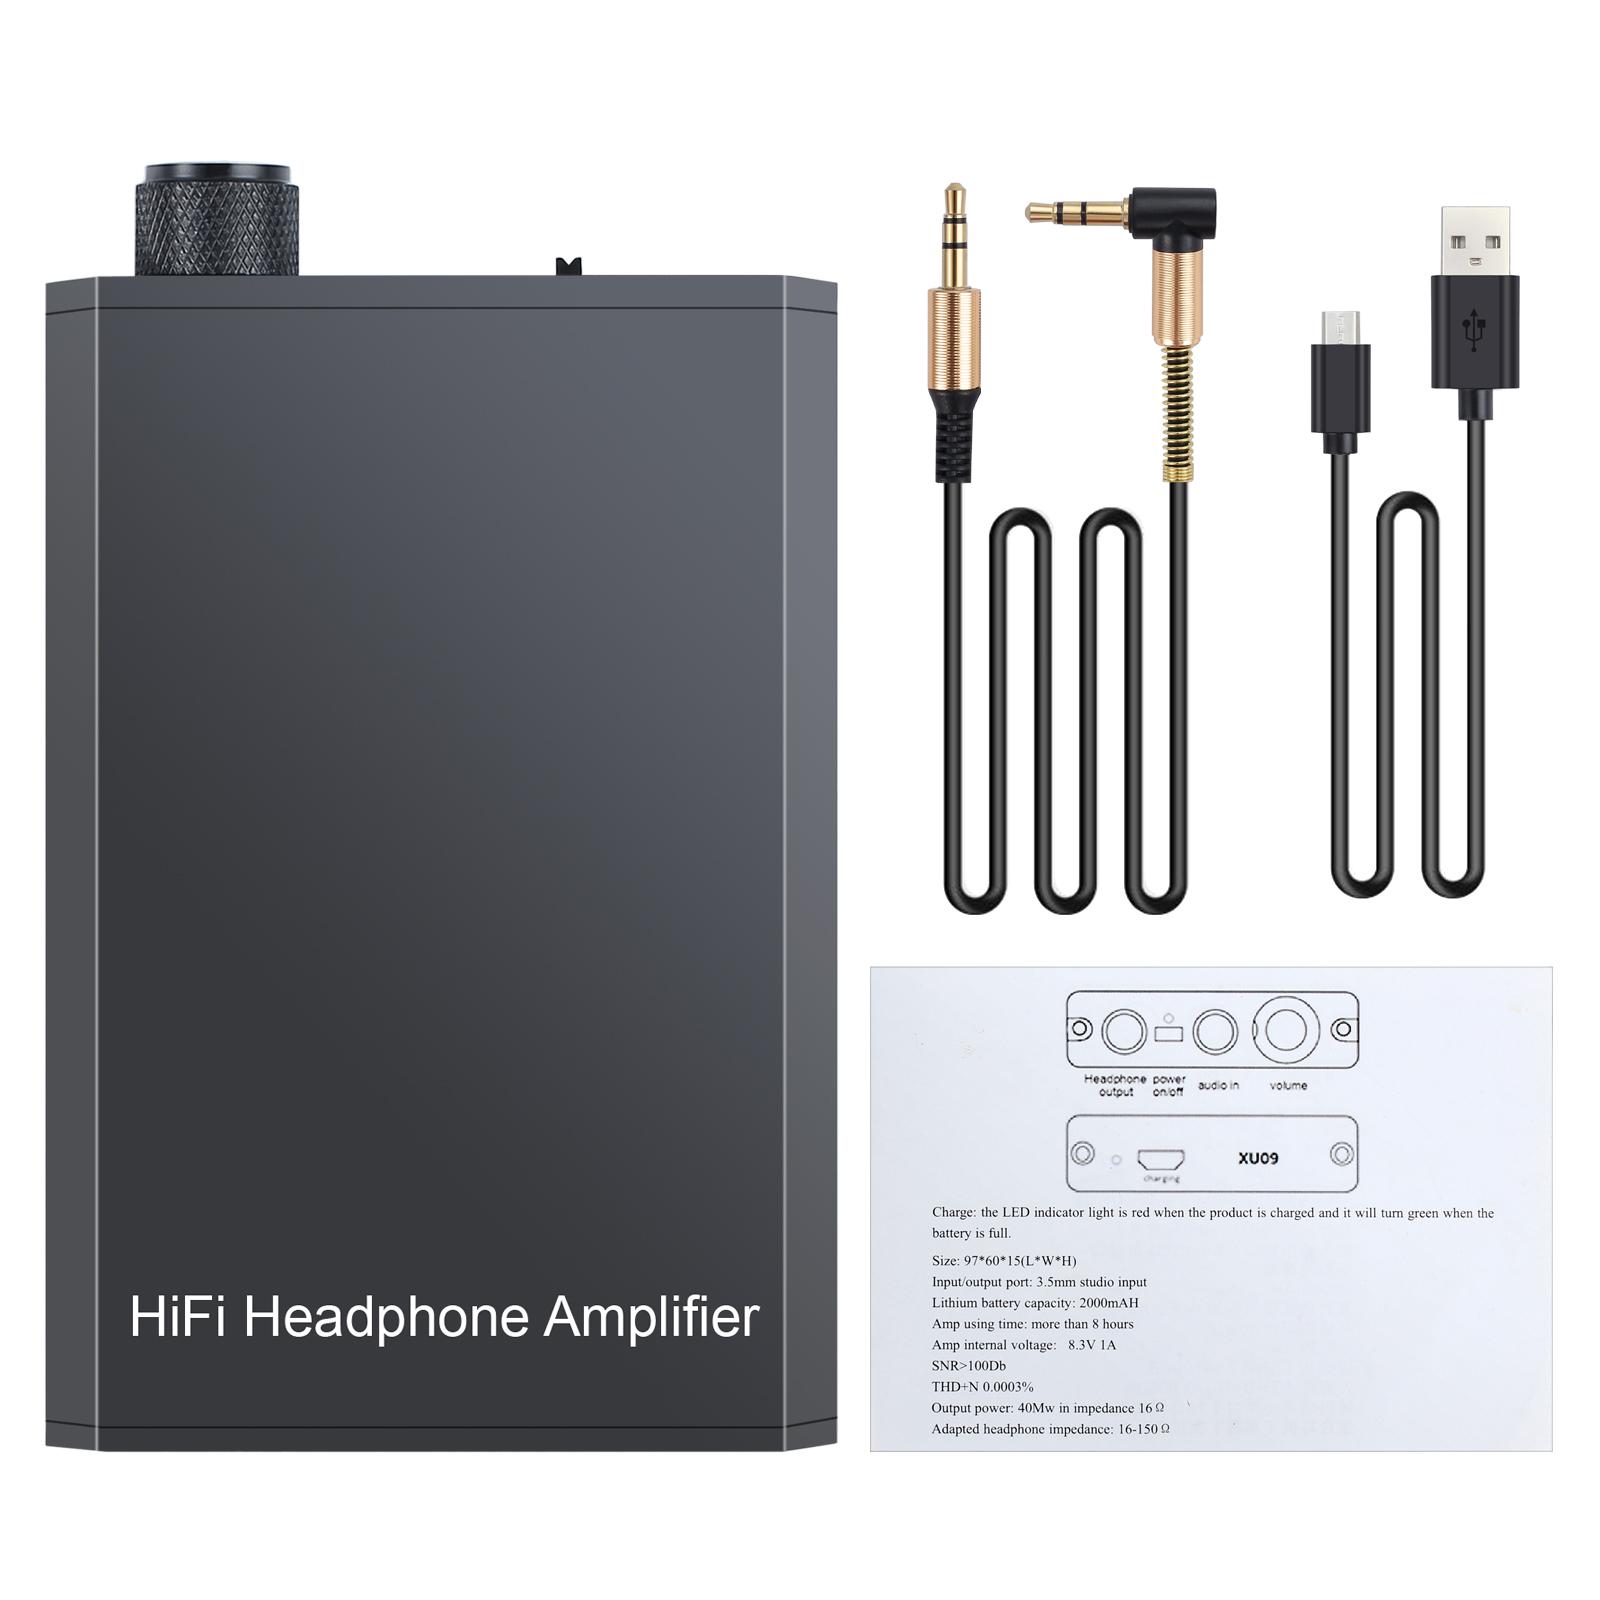 Dettagli su HiFi Amplificatore per Cuffie Amplifier per MP3 Smartphone Laptop + USB Cavo